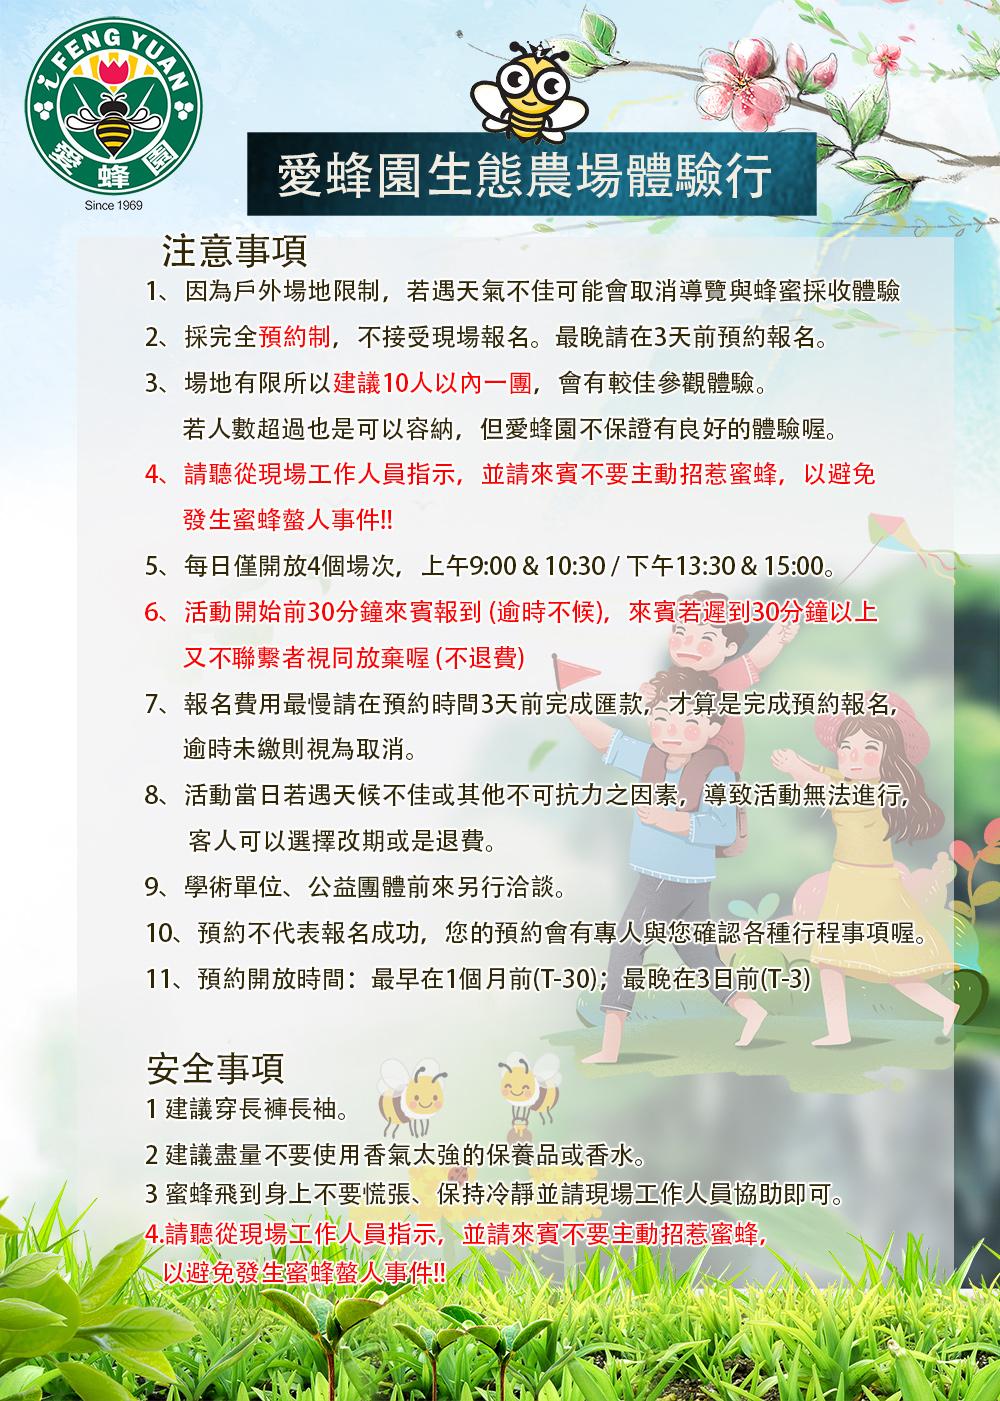 新竹愛蜂園戶外蜜蜂生態導覽03規則.jpg